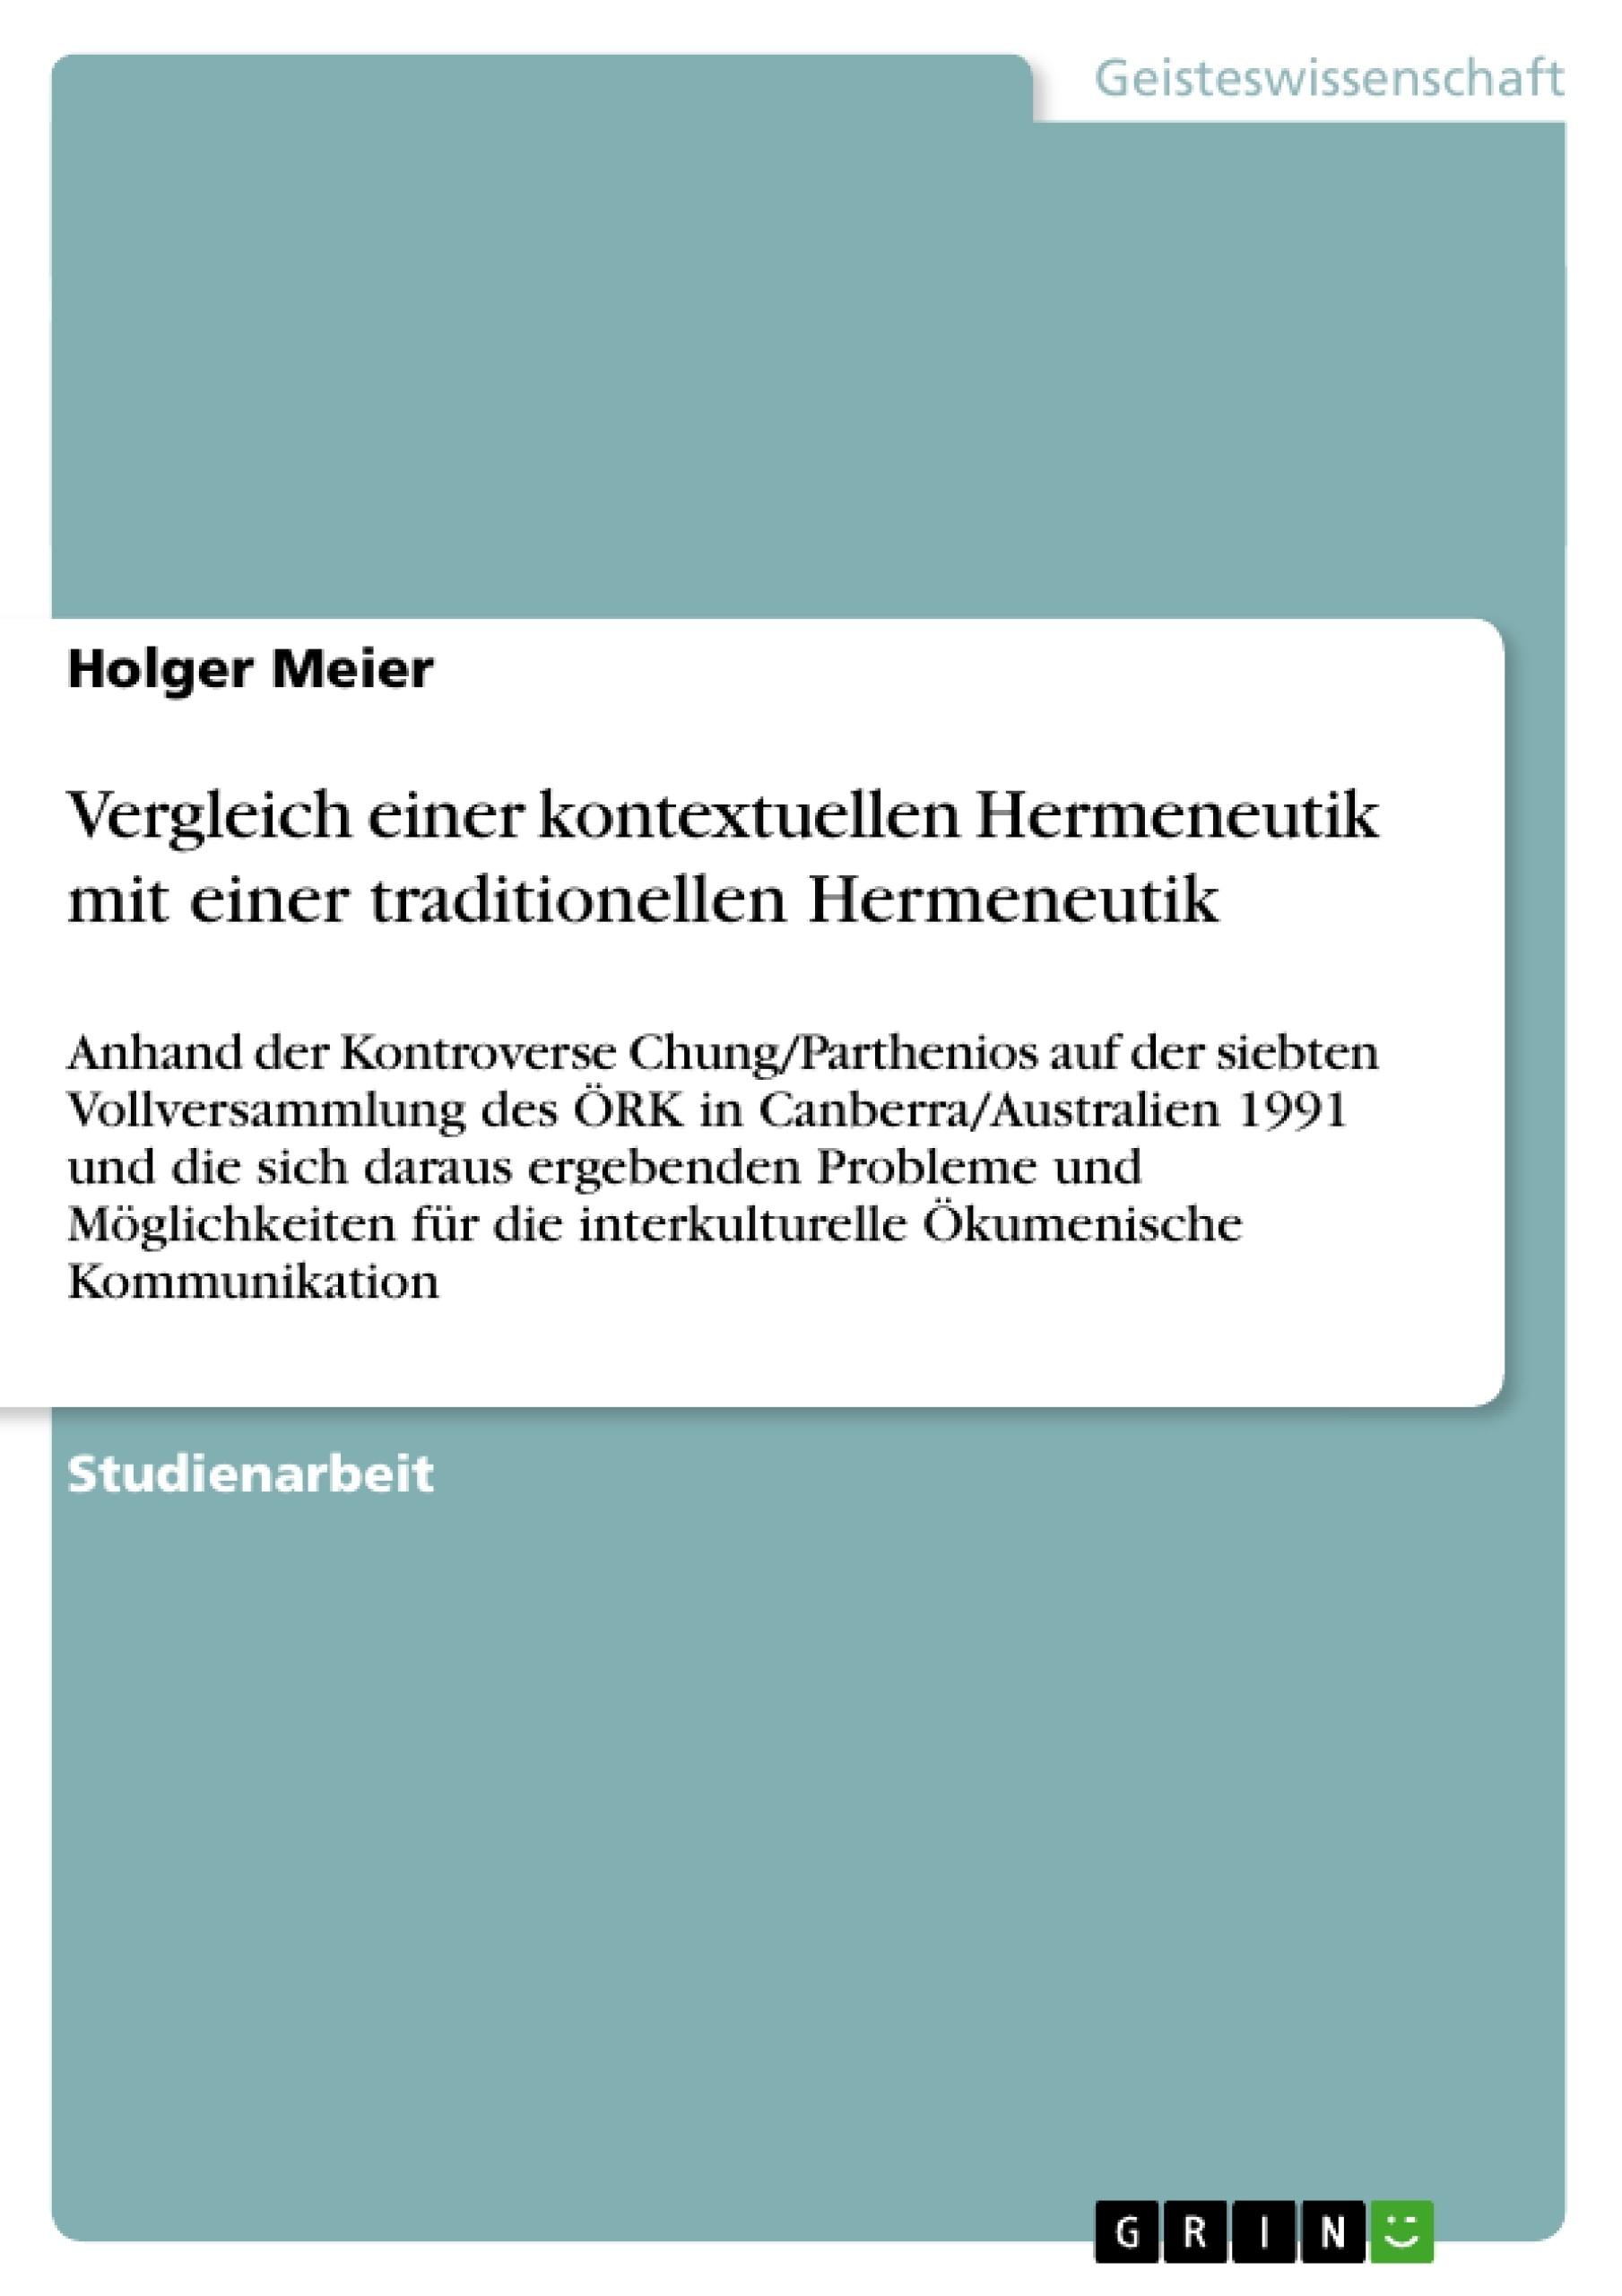 Titel: Vergleich einer kontextuellen Hermeneutik mit einer traditionellen Hermeneutik